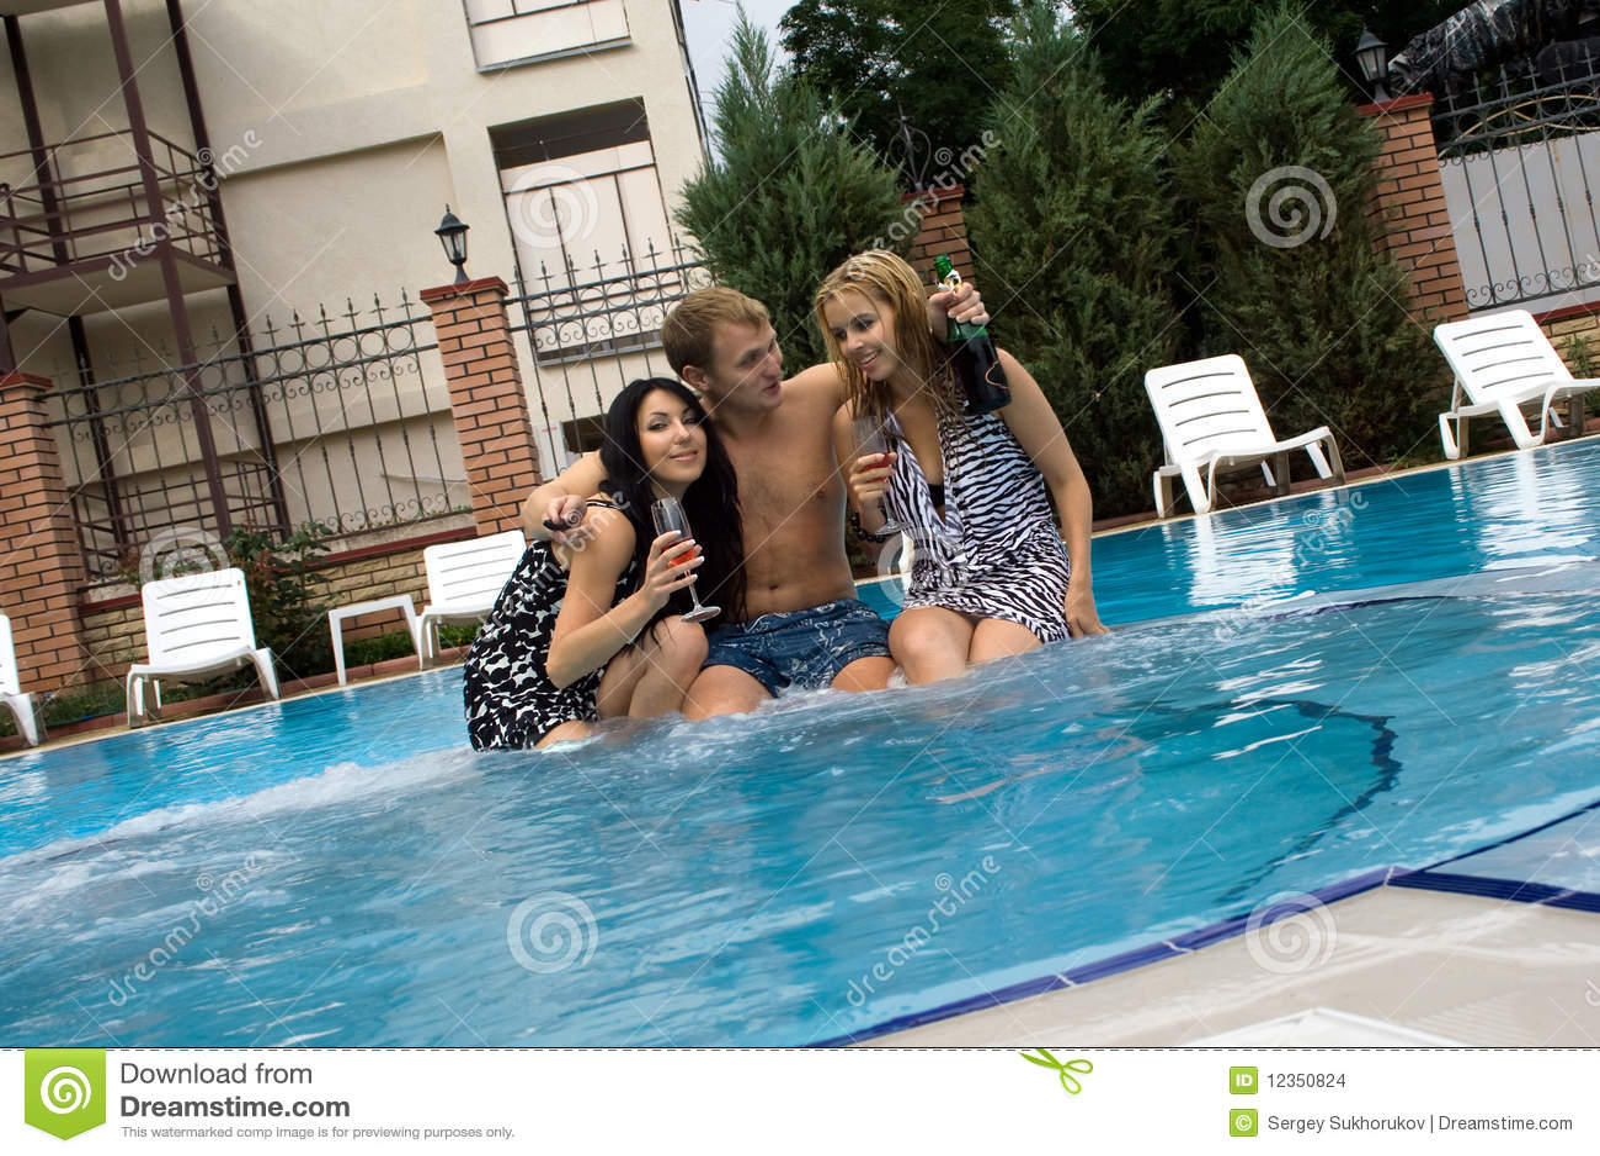 Смотреть в бассейне только парни 1 фотография